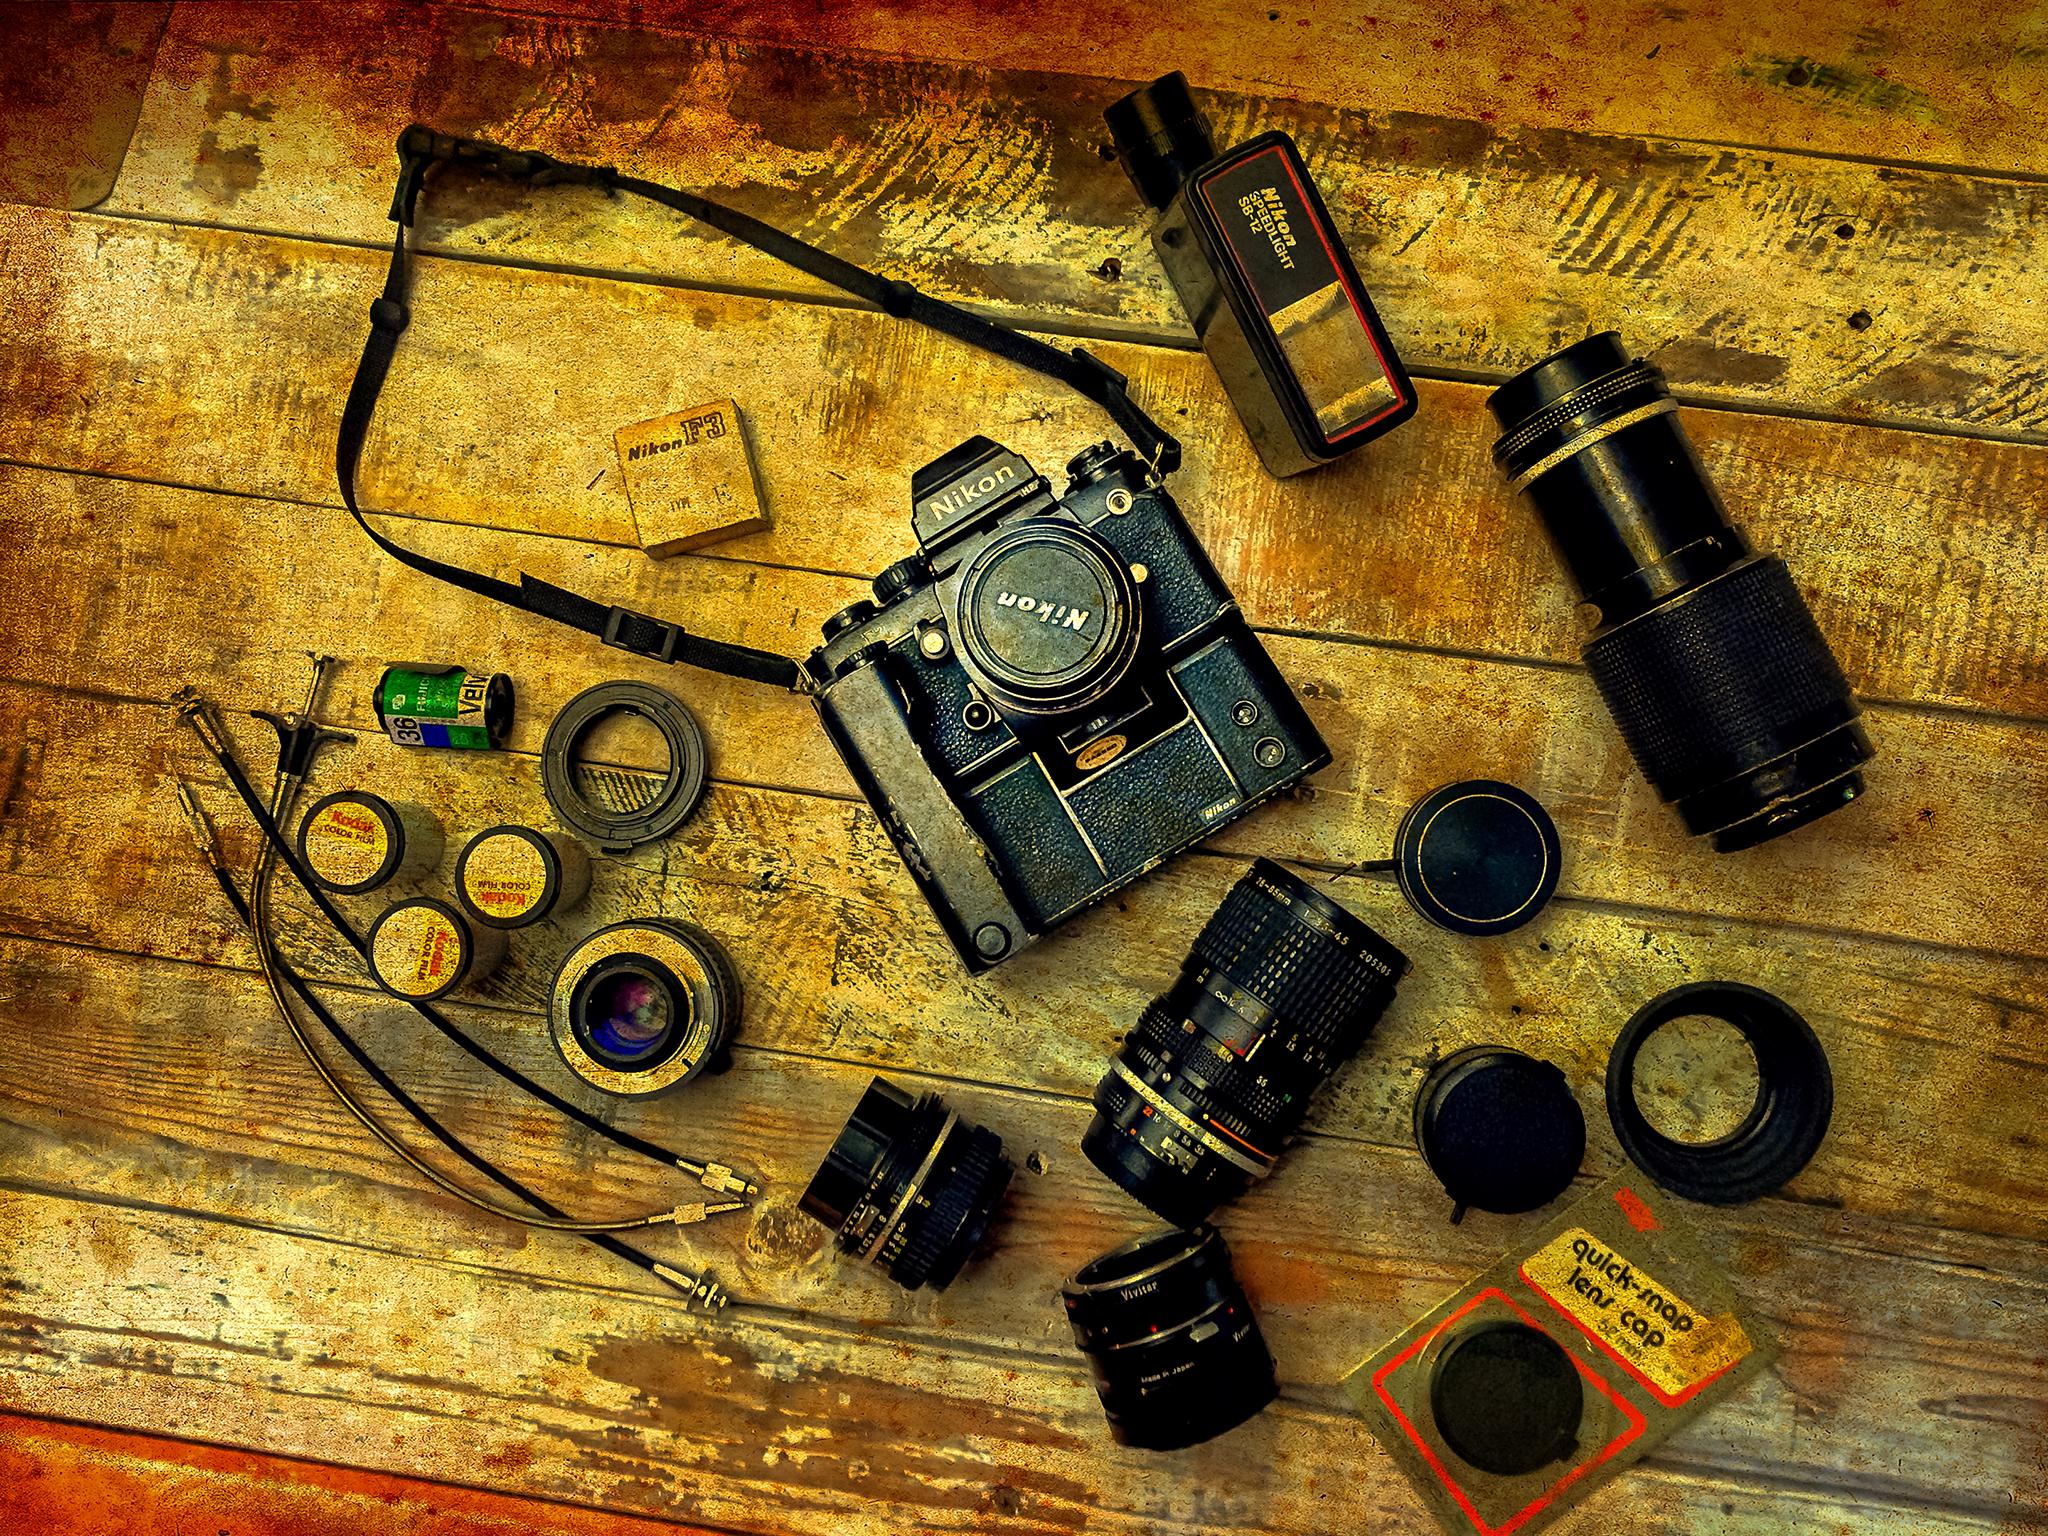 NIkon F3 HP 35mm Film System